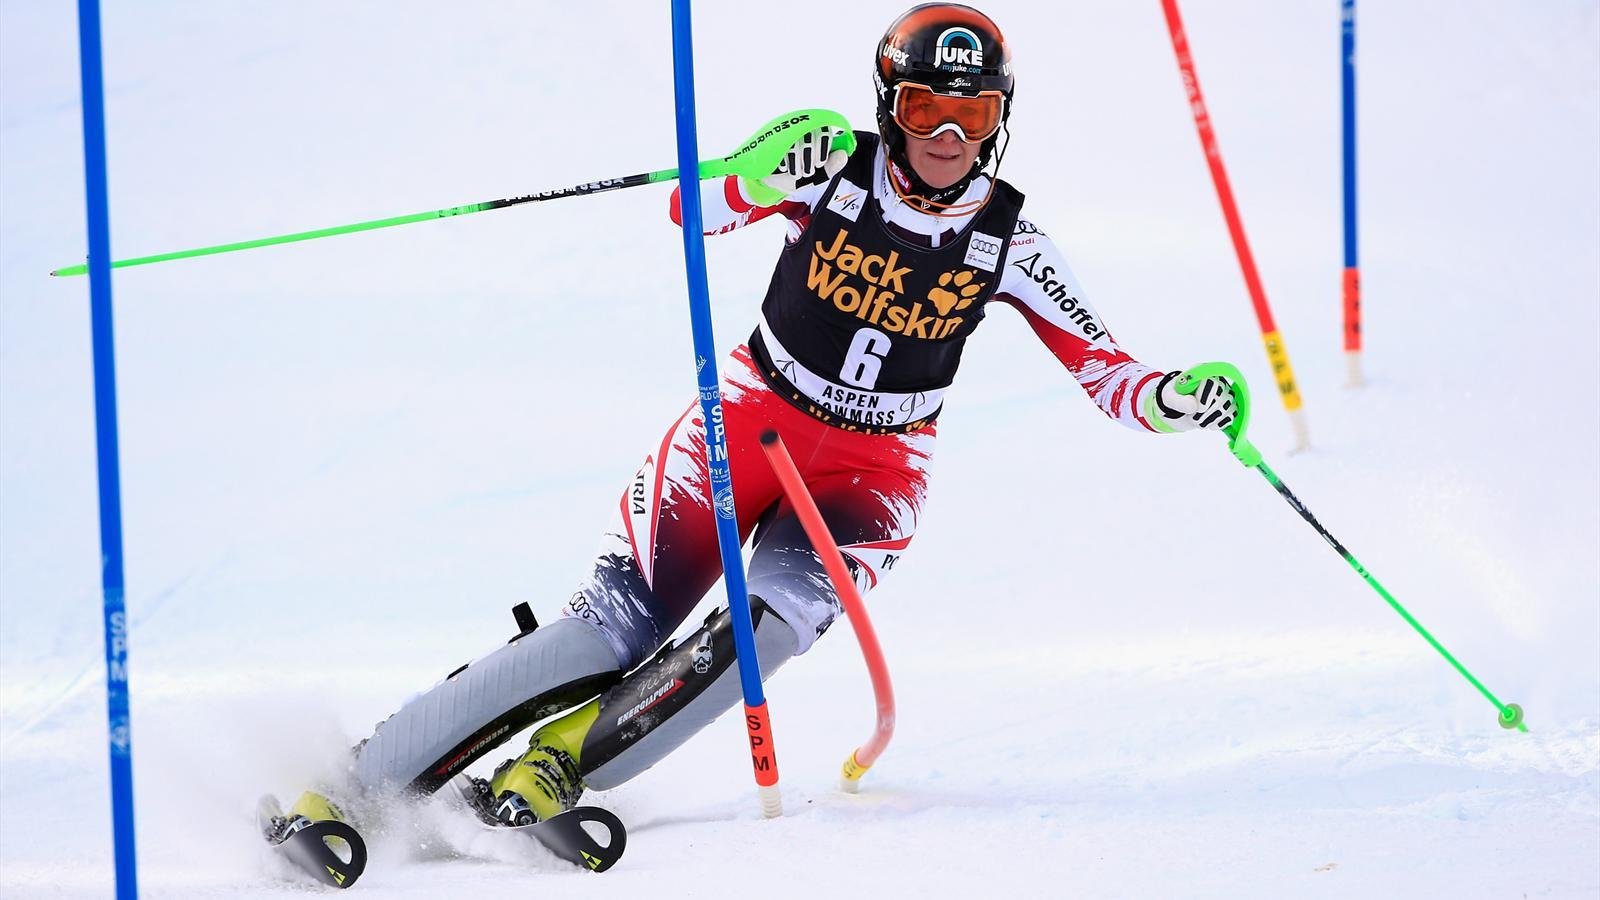 Coupe du monde nicole hosp remporte le slalom dames d - Coupe du monde ski alpin 2015 calendrier ...